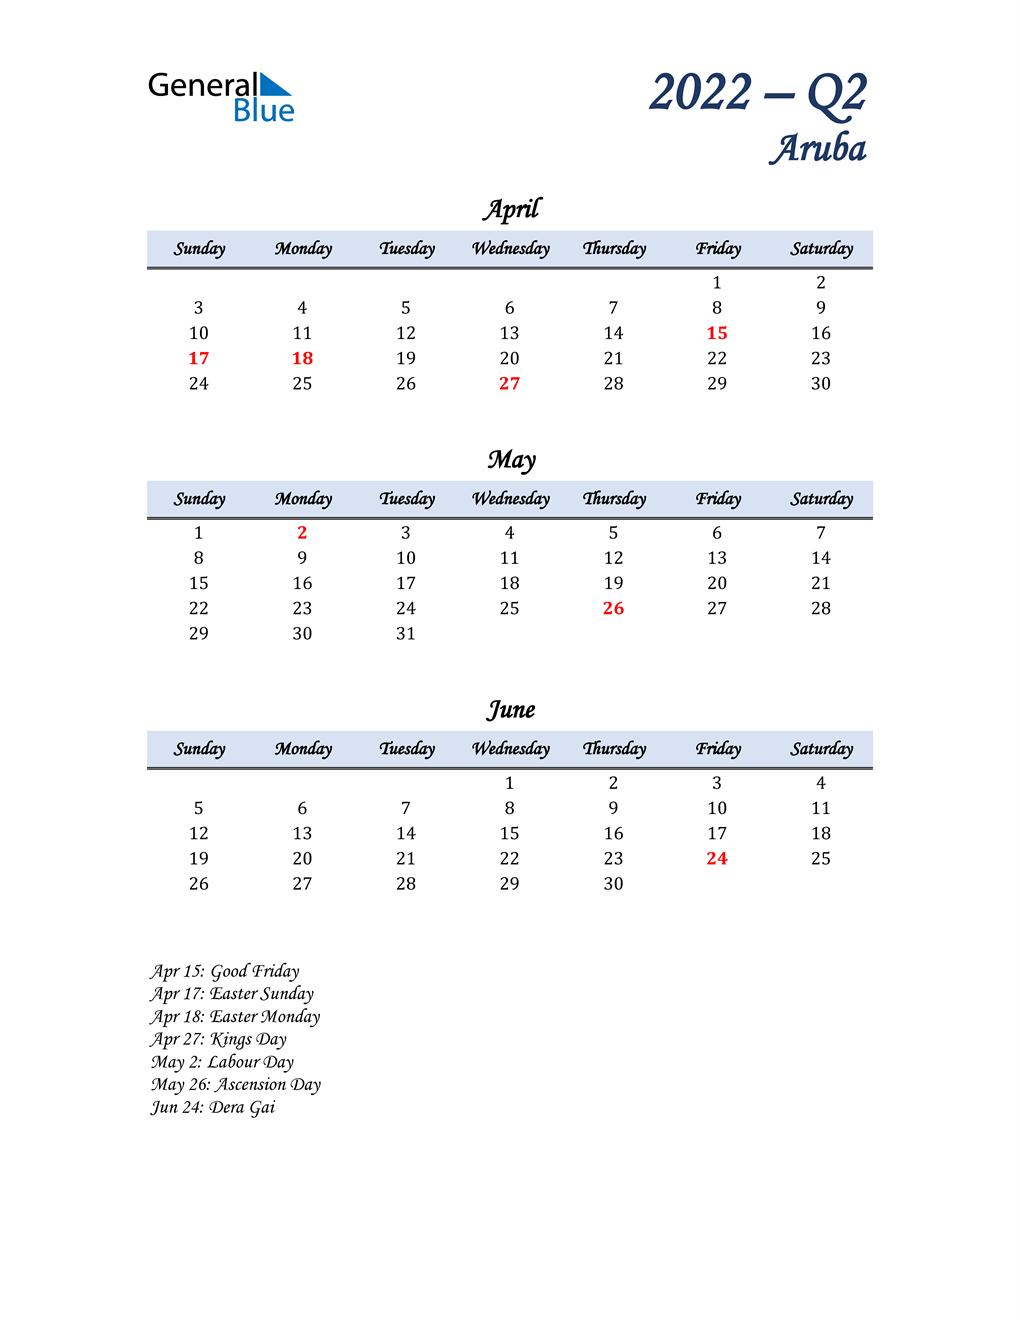 April, May, and June Calendar for Aruba